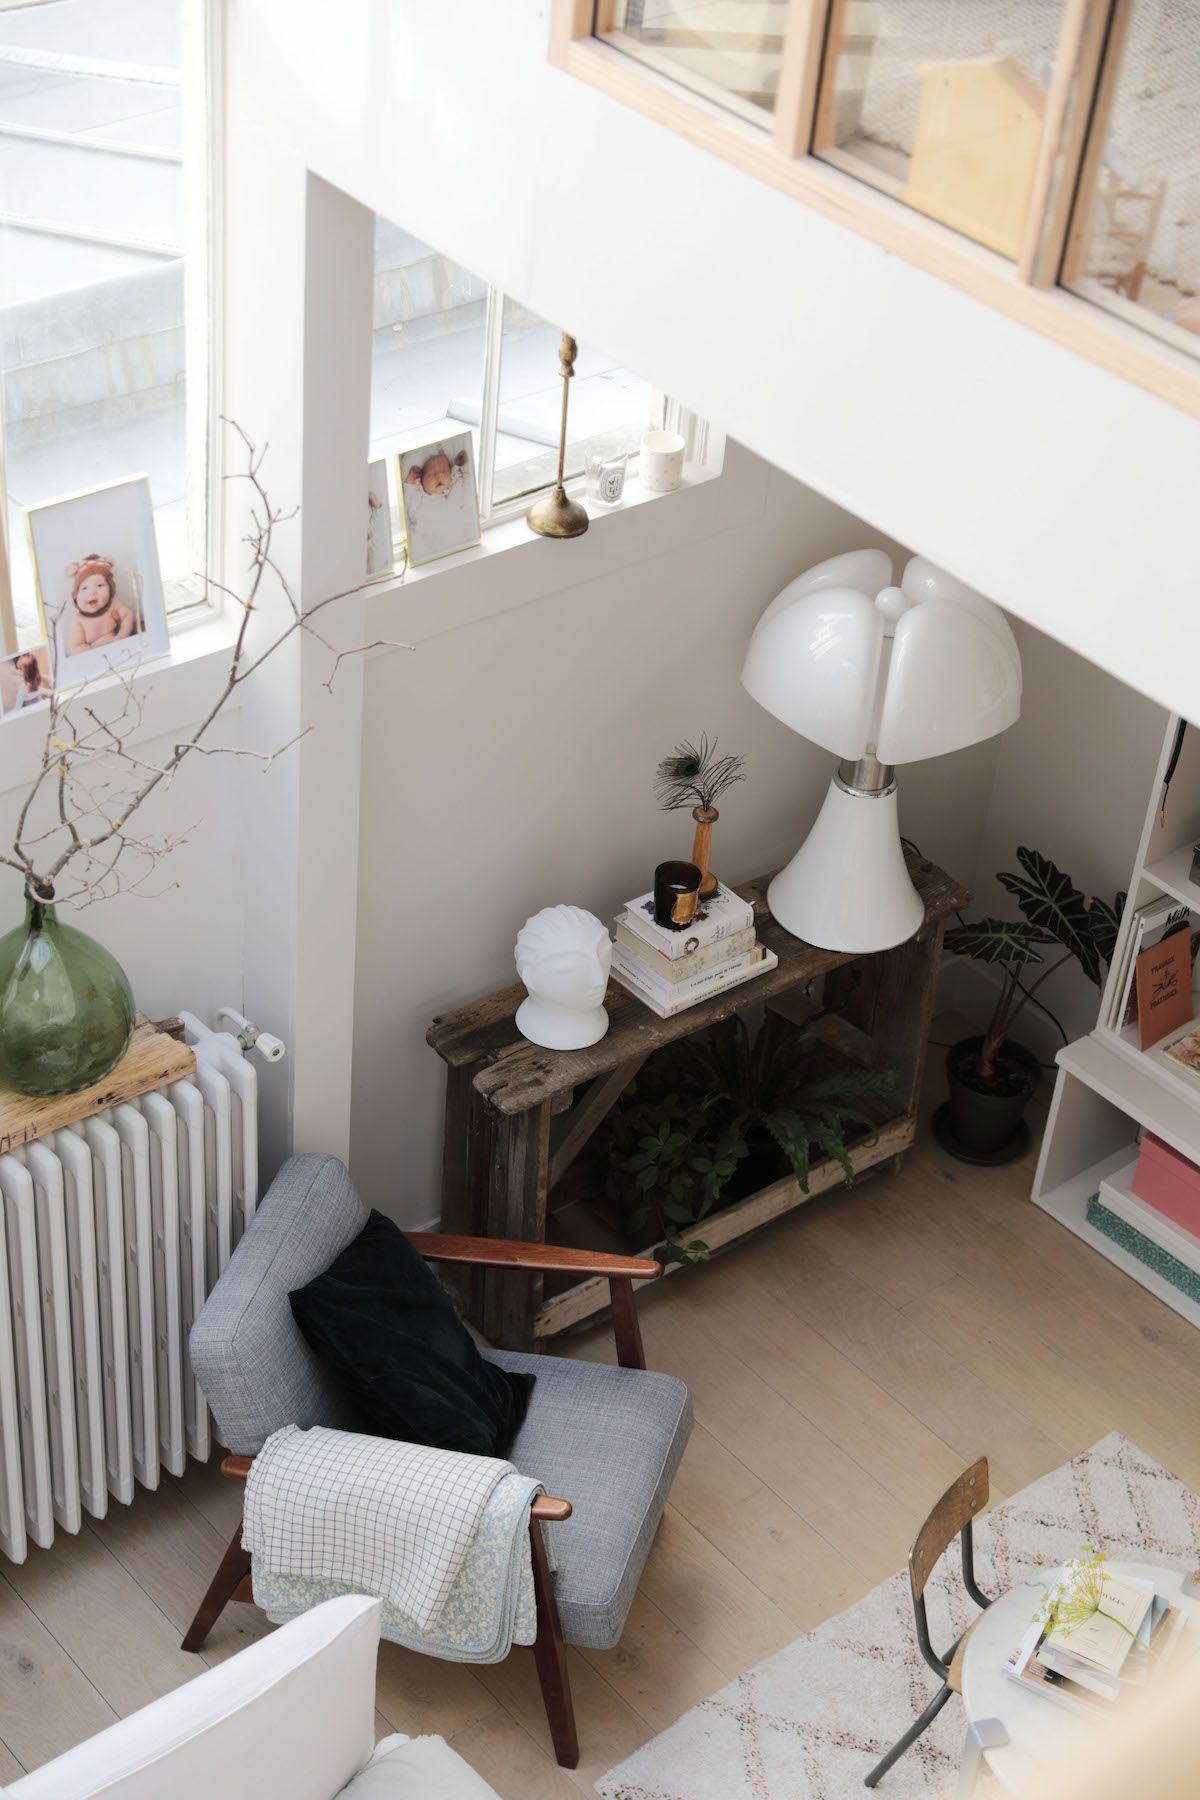 Bienvenue Dans Le Duplex Concu Comme Une Maison De Melle Madeline Hello Blogzine Interieur Maison Maison Decoration Appartement